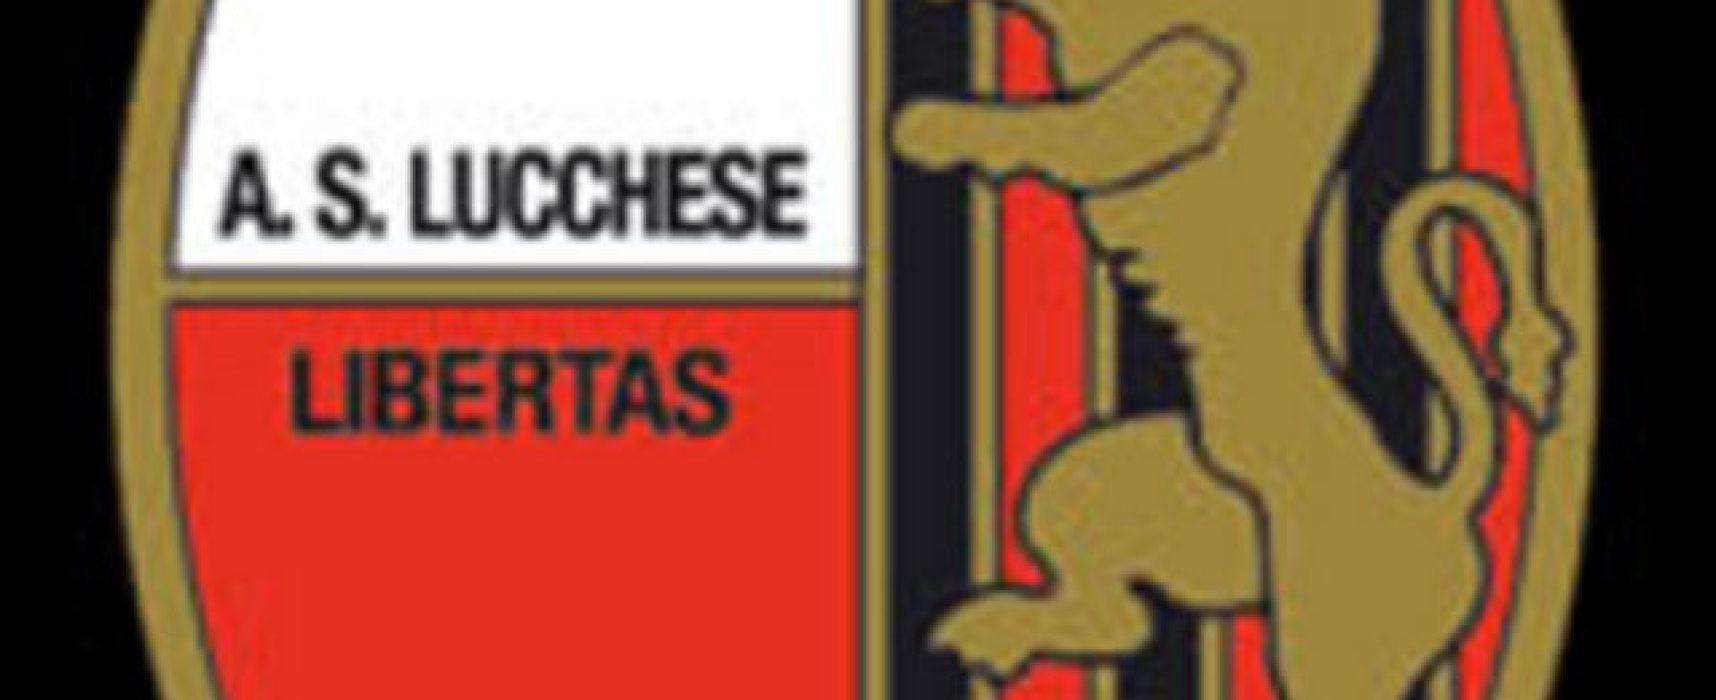 Mercoledì 23 agosto presentazione ufficiale della A.S. Lucchese Libertas al Porta Elisa